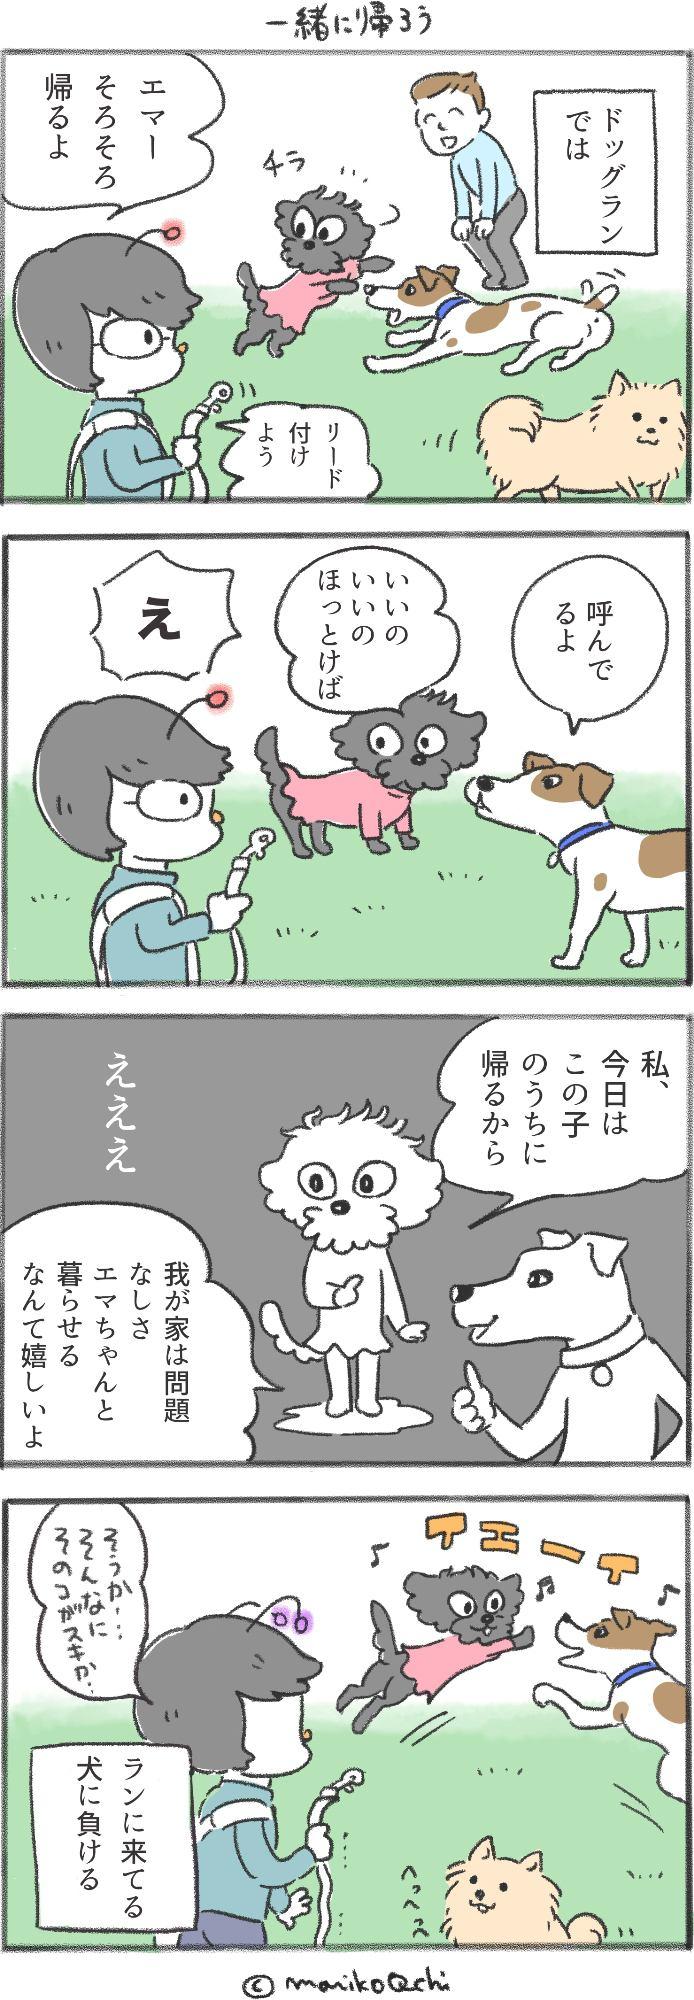 犬と暮らせば第26話